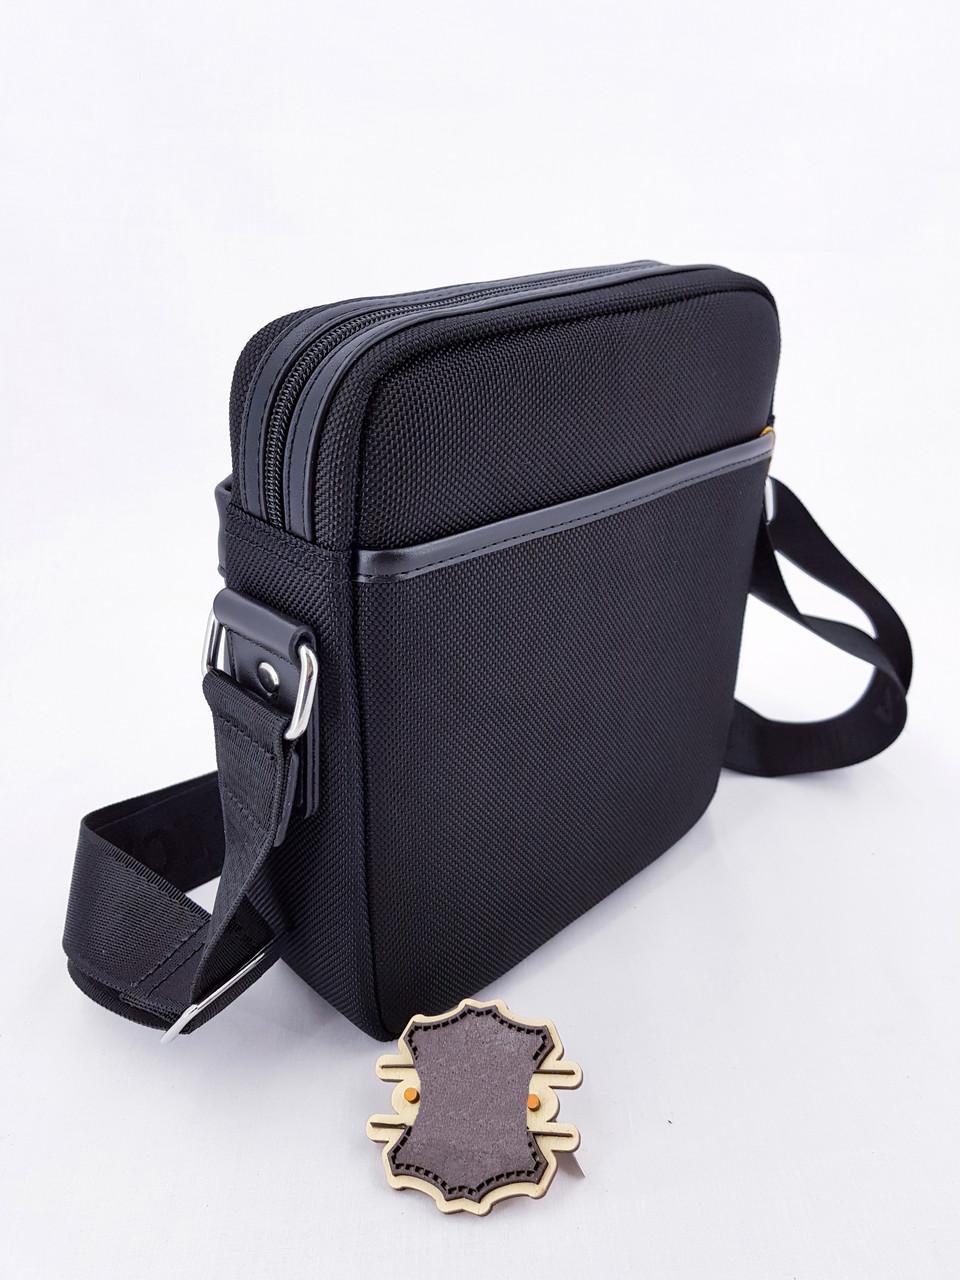 ae1967e86bd4 Черная Мужская сумка через плечо Dilasica сумка-планшетка новинка, цена  469,80 грн., купить в Умани — Prom.ua (ID#877163620)